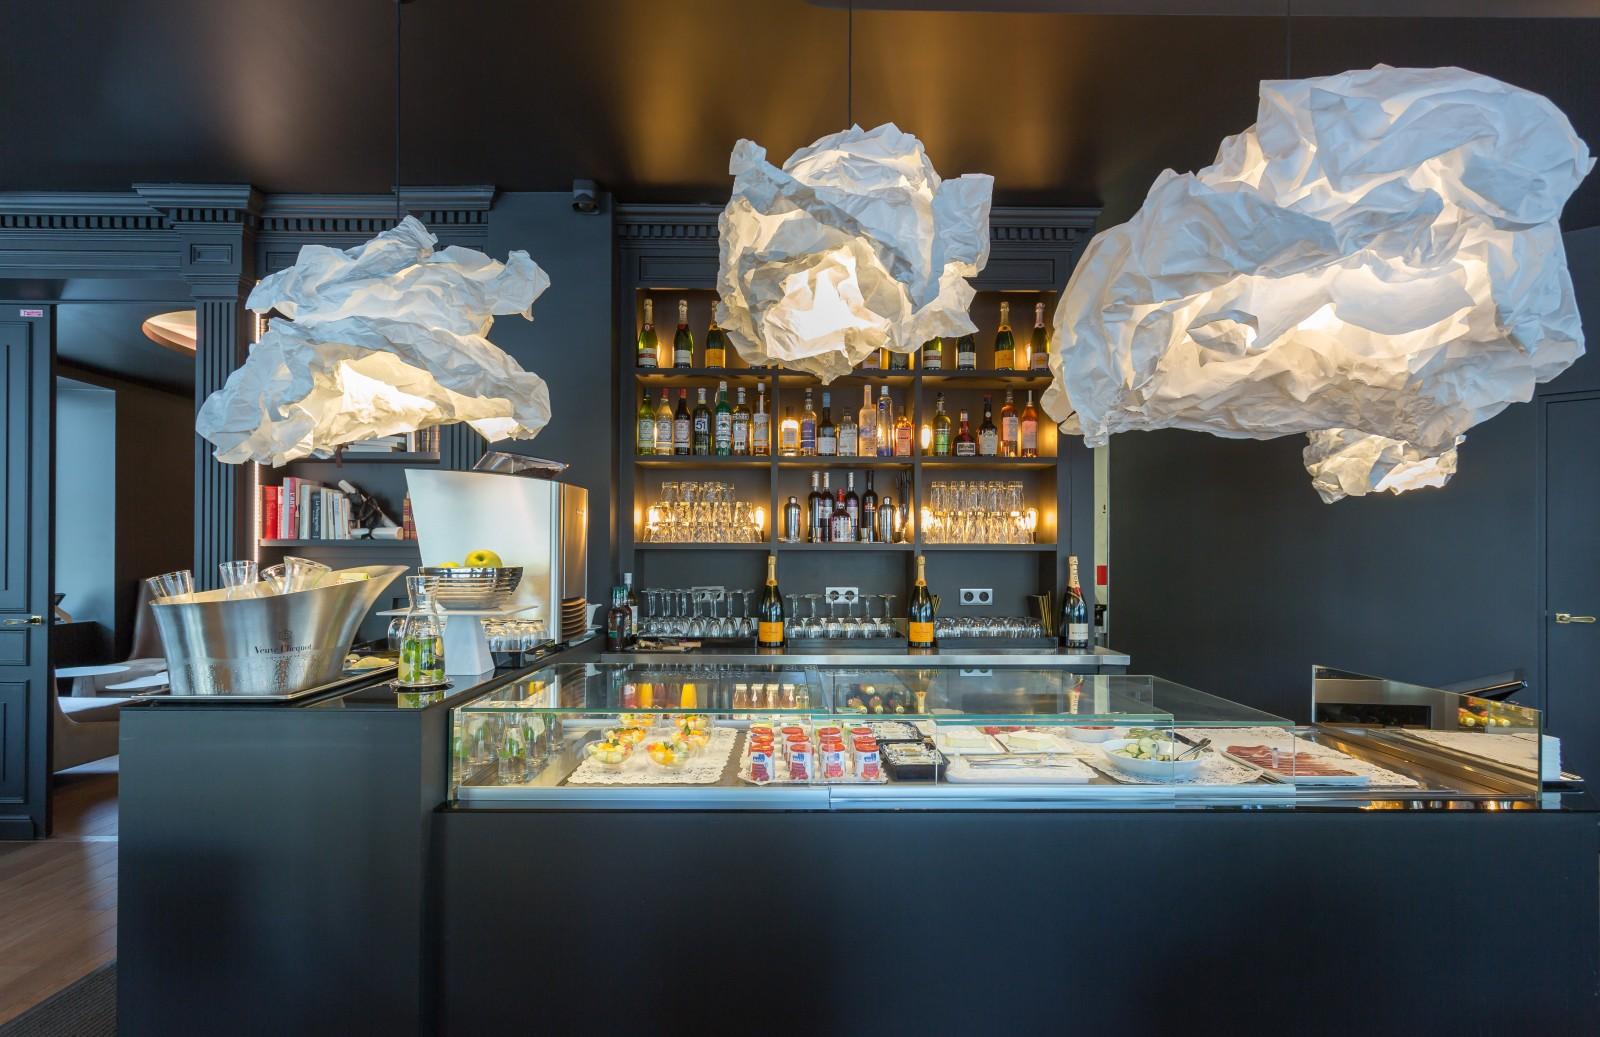 Hotel La Comtesse - Paris Eiffel Tower Hotel - Paris Fashion Week 2018 - best hotels in paris - paris men's - paris haute couture 2018 - hotels near the eiffel tower - boutique hotels paris - la comtesse cafe